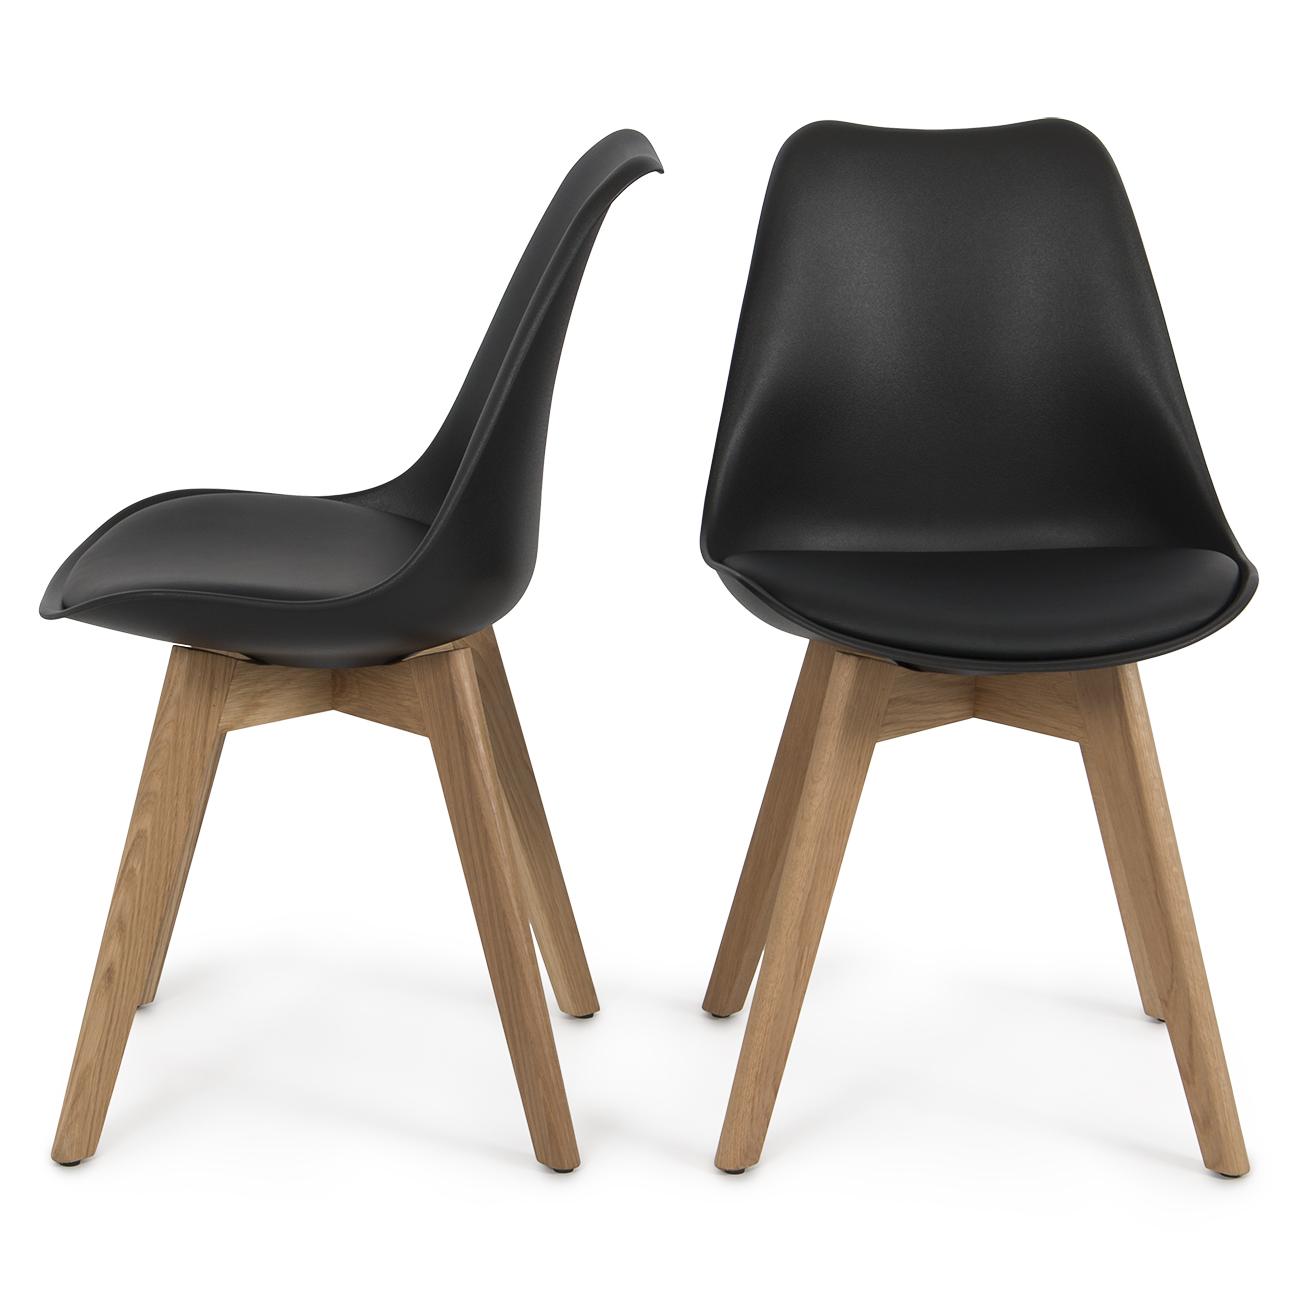 Set of 2 Modern DSW Molded Plastic Eiffel Wooden Leg Side Chairs w